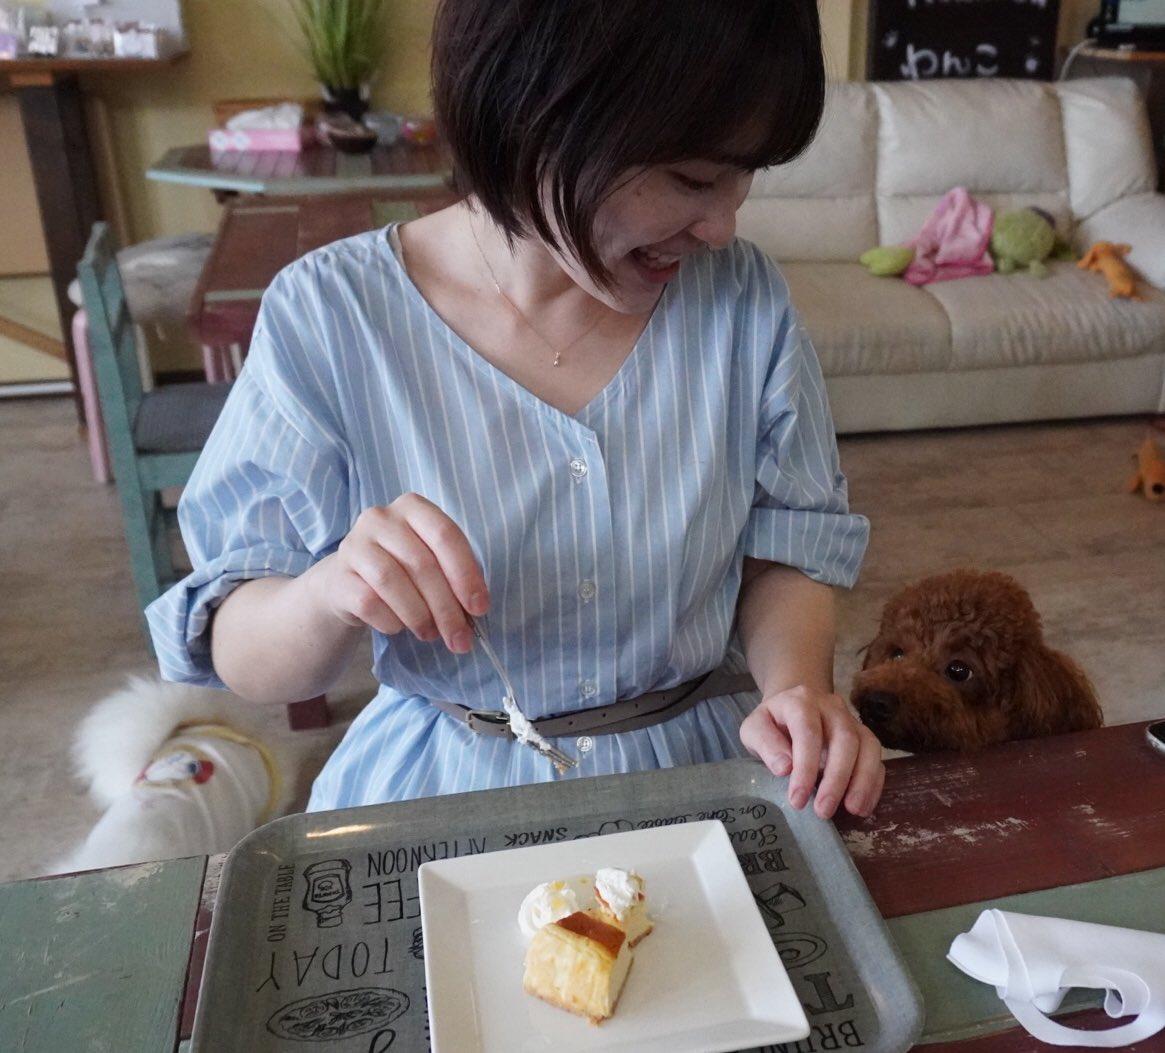 ケーキ食べたい犬🍰🧸 #トイプードル #犬 #toypoodle #dog #youtube始めました https://t.co/gqZt6o8sze